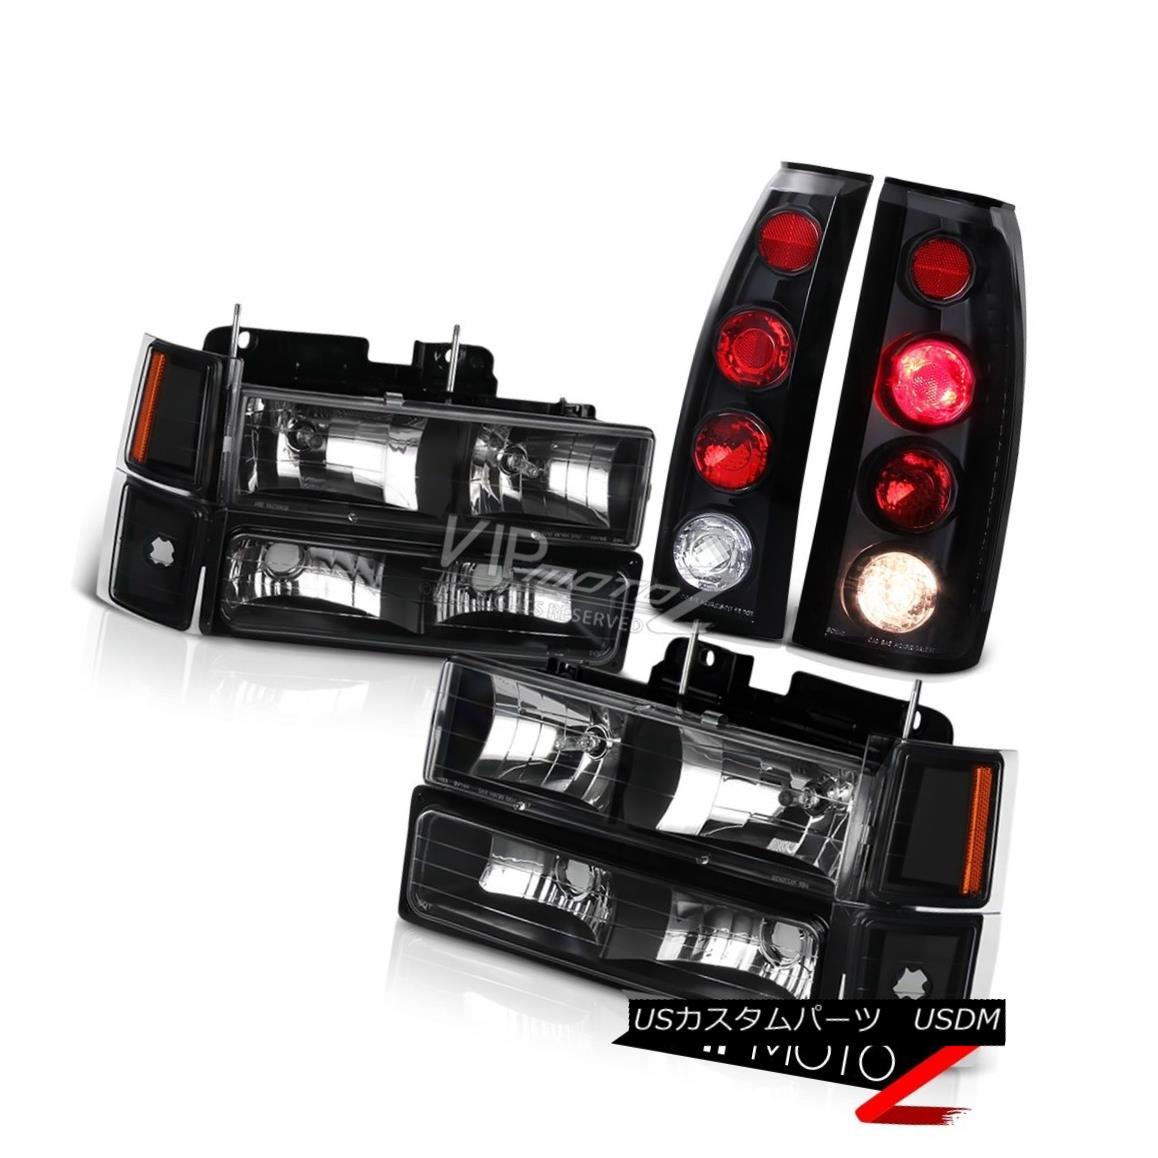 ヘッドライト 1994 1995 1996 1997 1998 Chevy K1500 C1500 Suburban Black Headlight Tail Lights 1994 1995 1995 1996 1997 1998 Chevy K1500 C1500郊外型ブラックヘッドライトテールライト